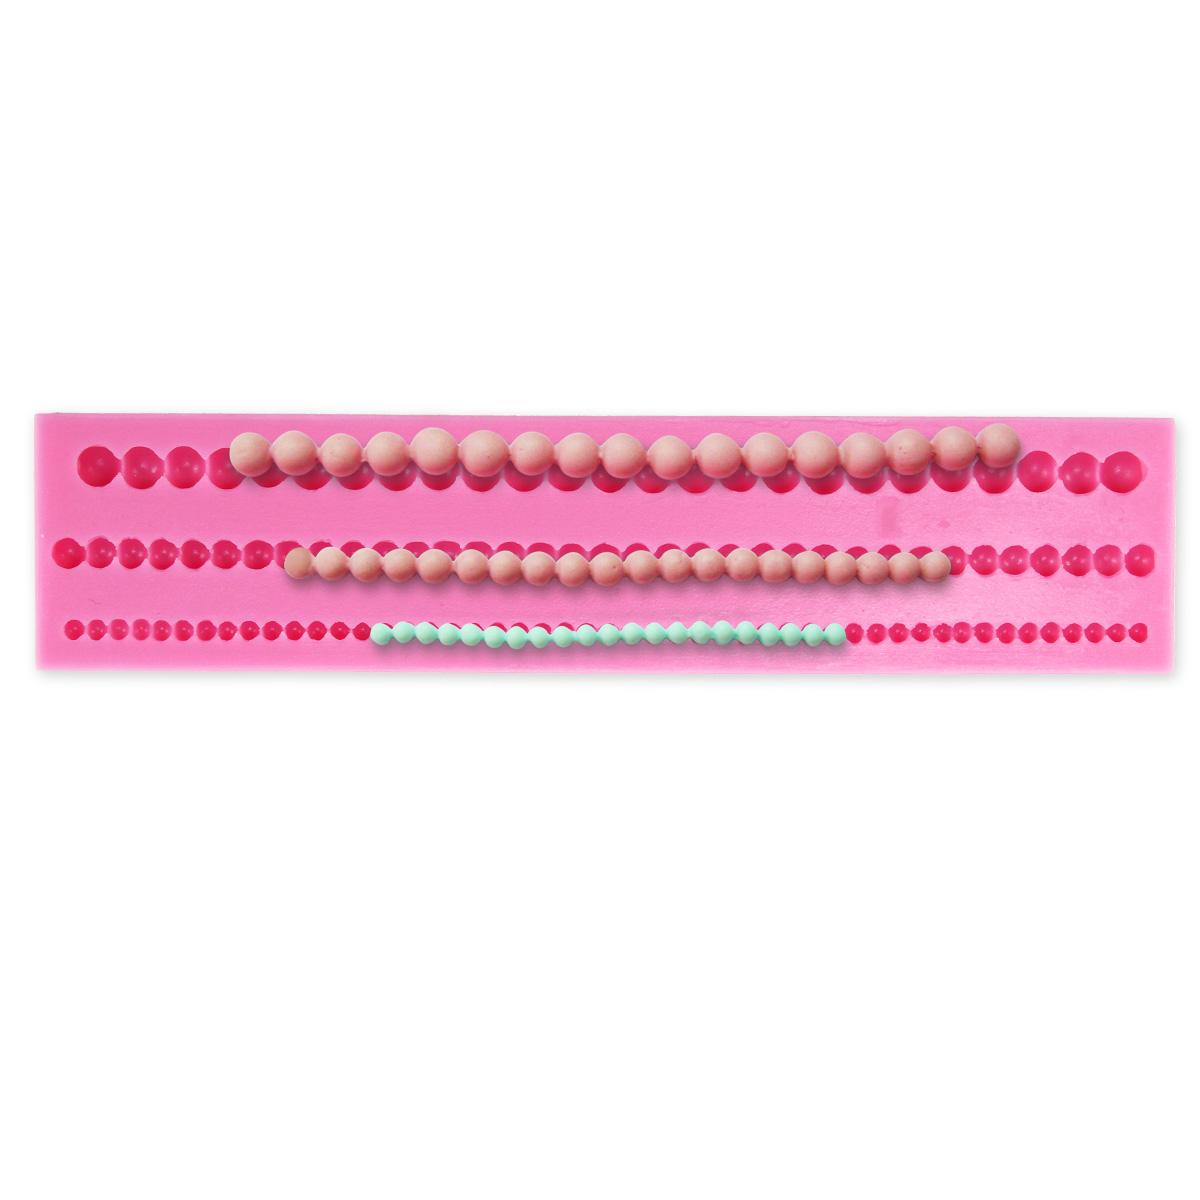 Molde silicona cadenas de perlas para decorar tartas - Moldes silicona amazon ...